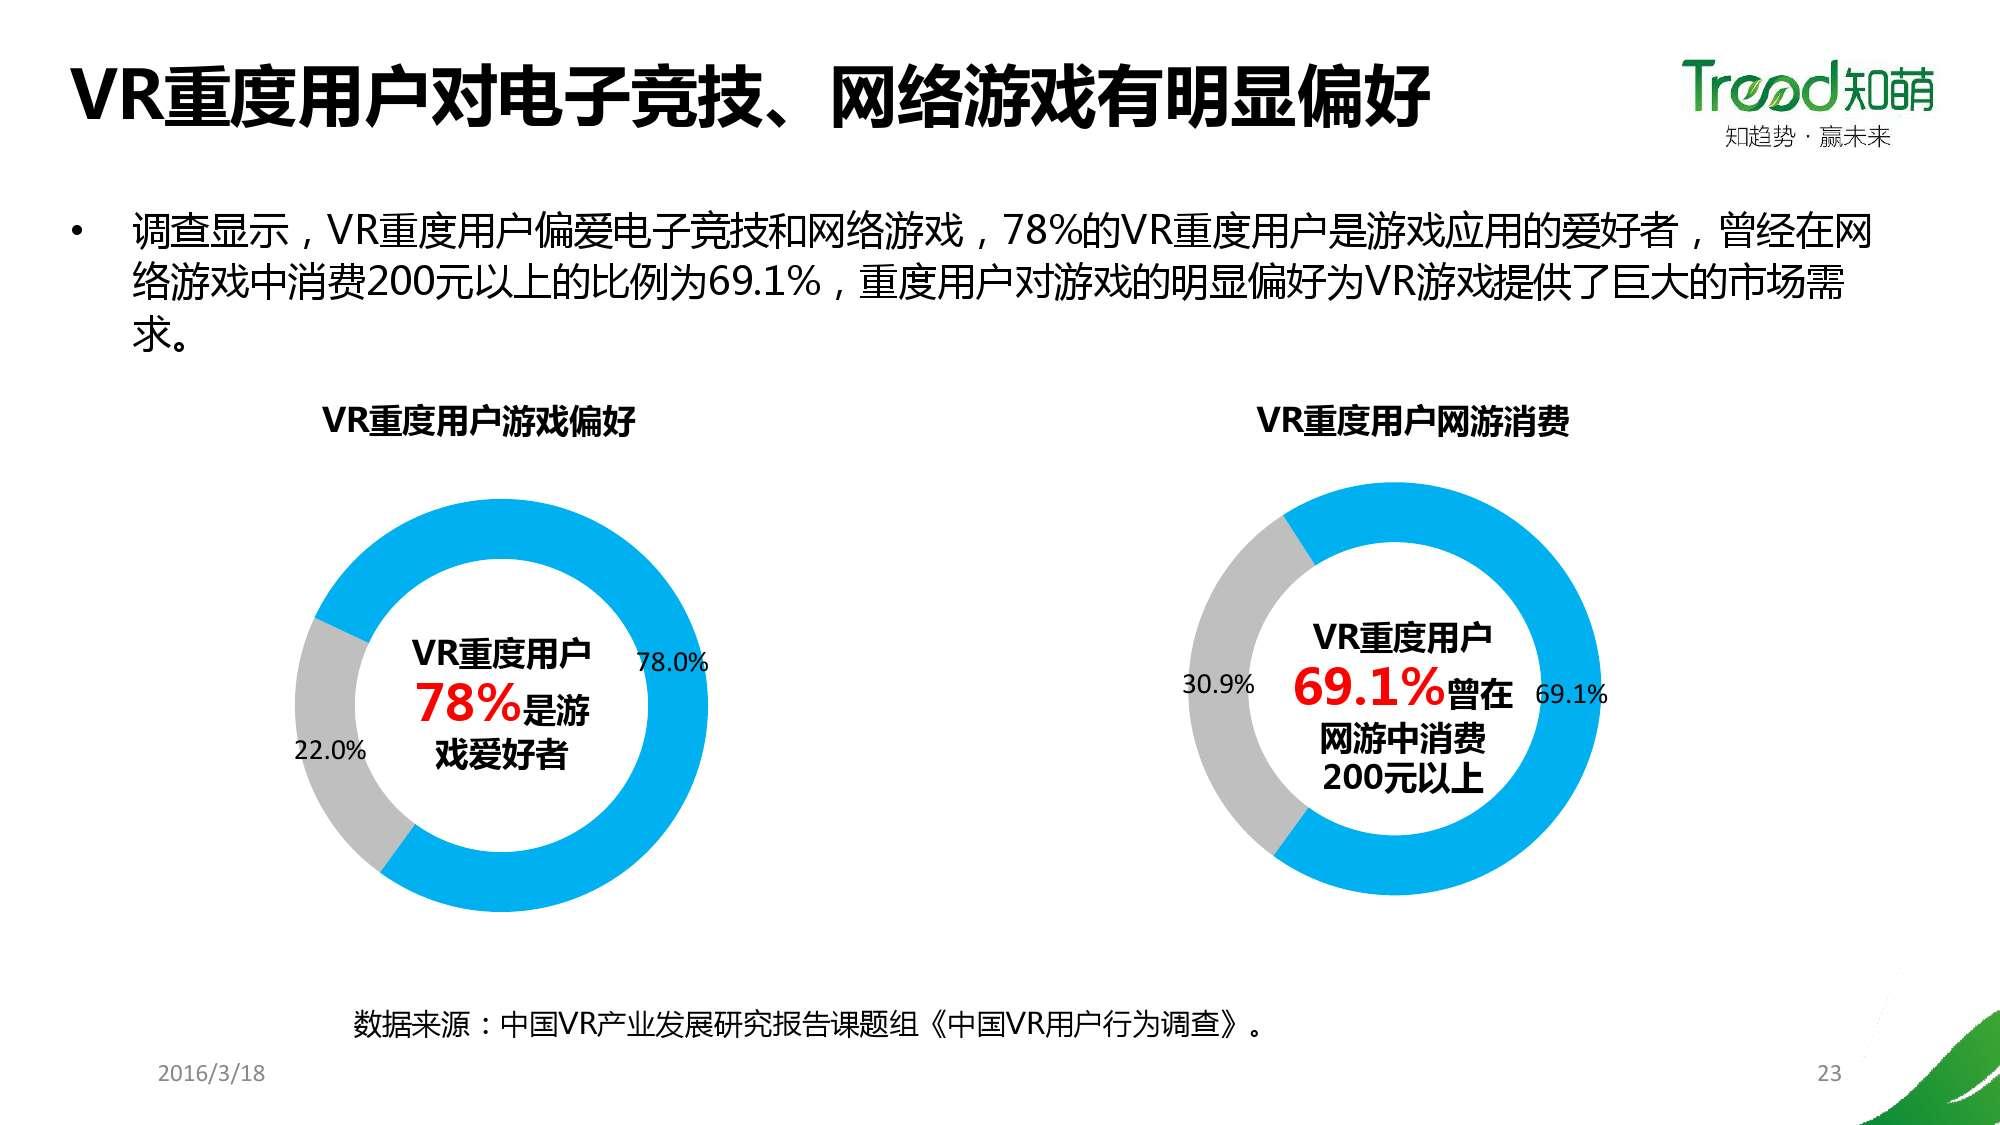 中国VR用户行为研究报告_000023